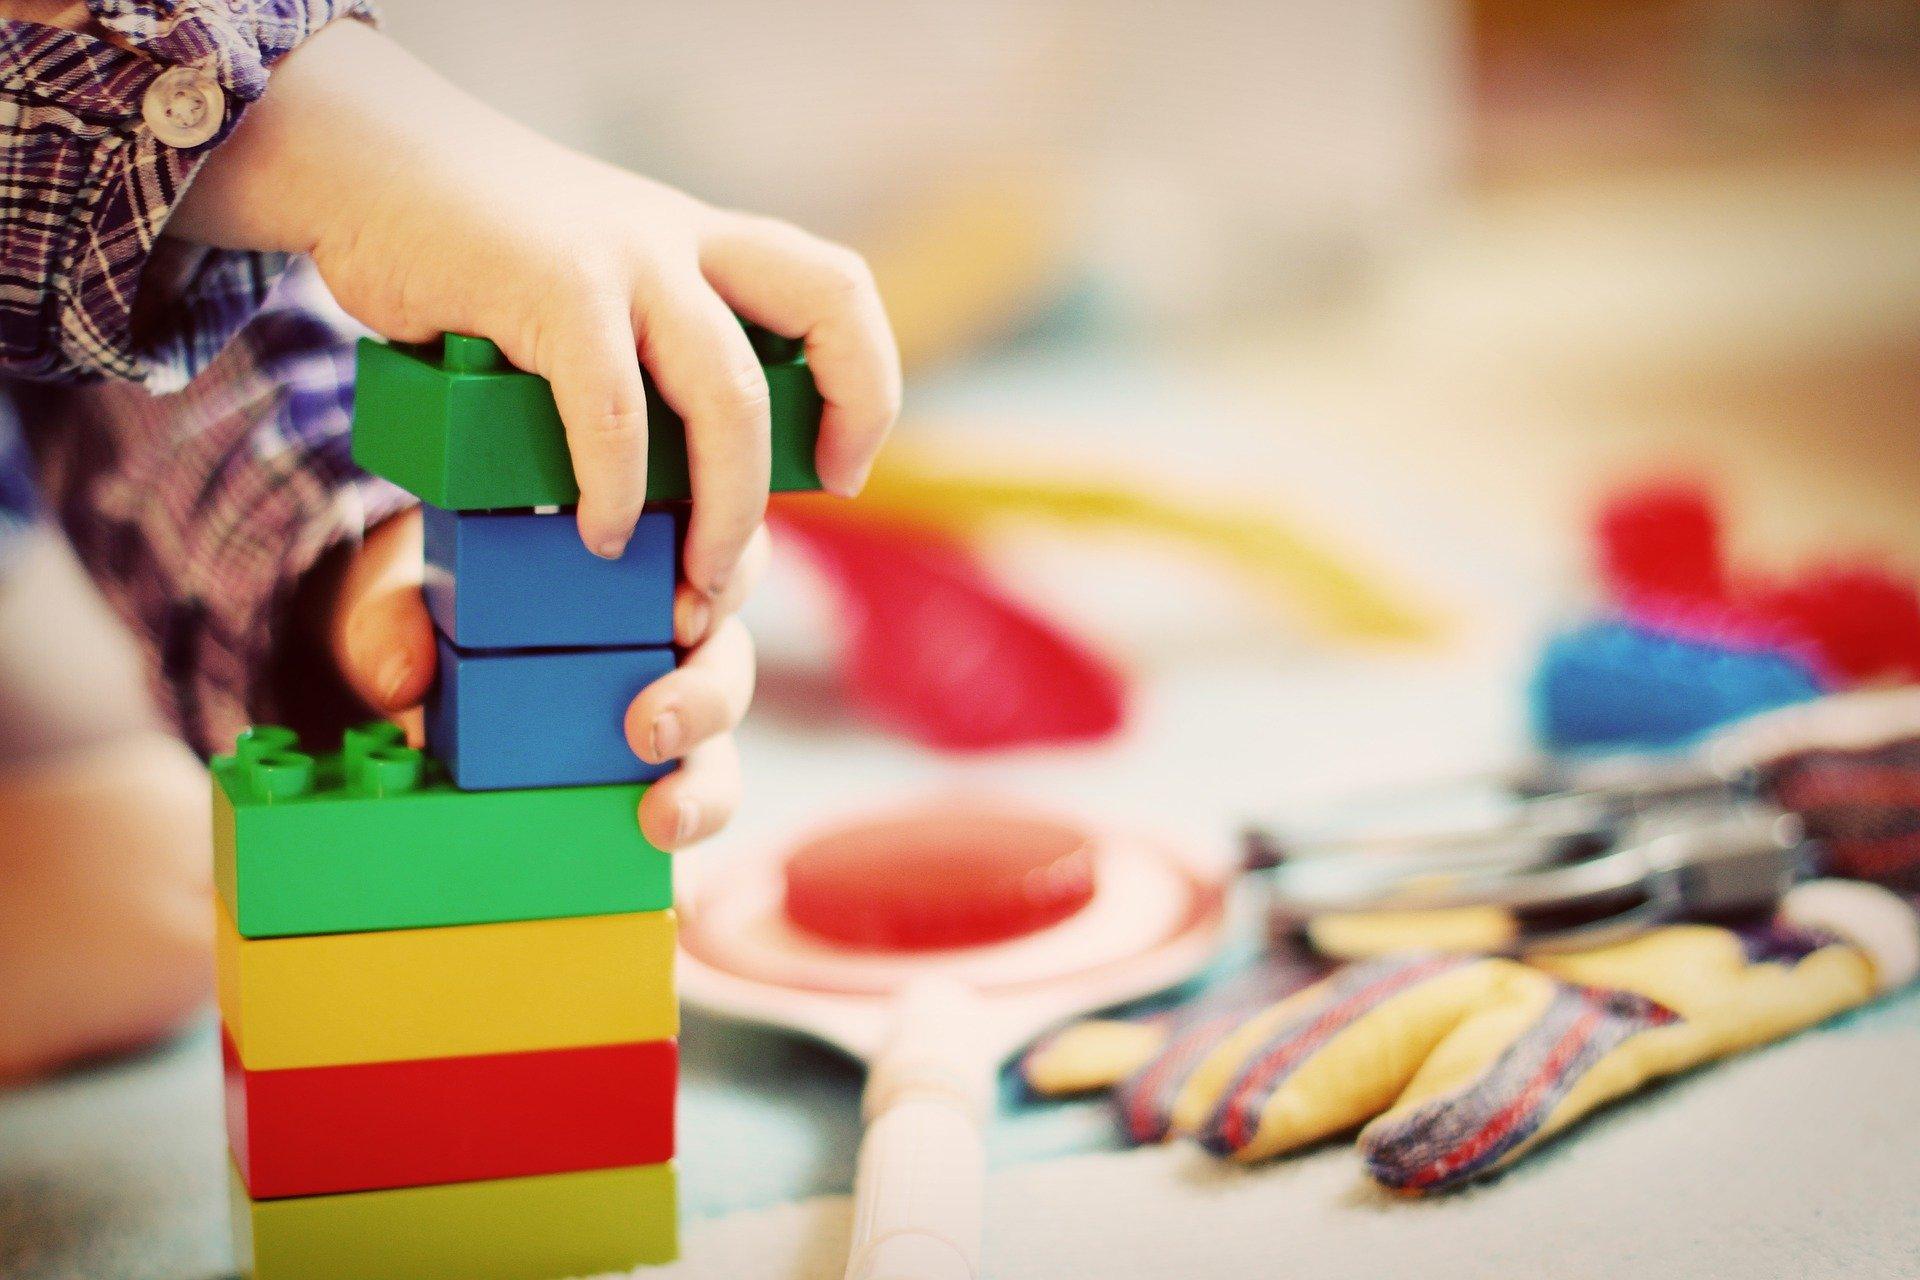 K projednávané novele zákona o sociálně-právní ochraně dětí